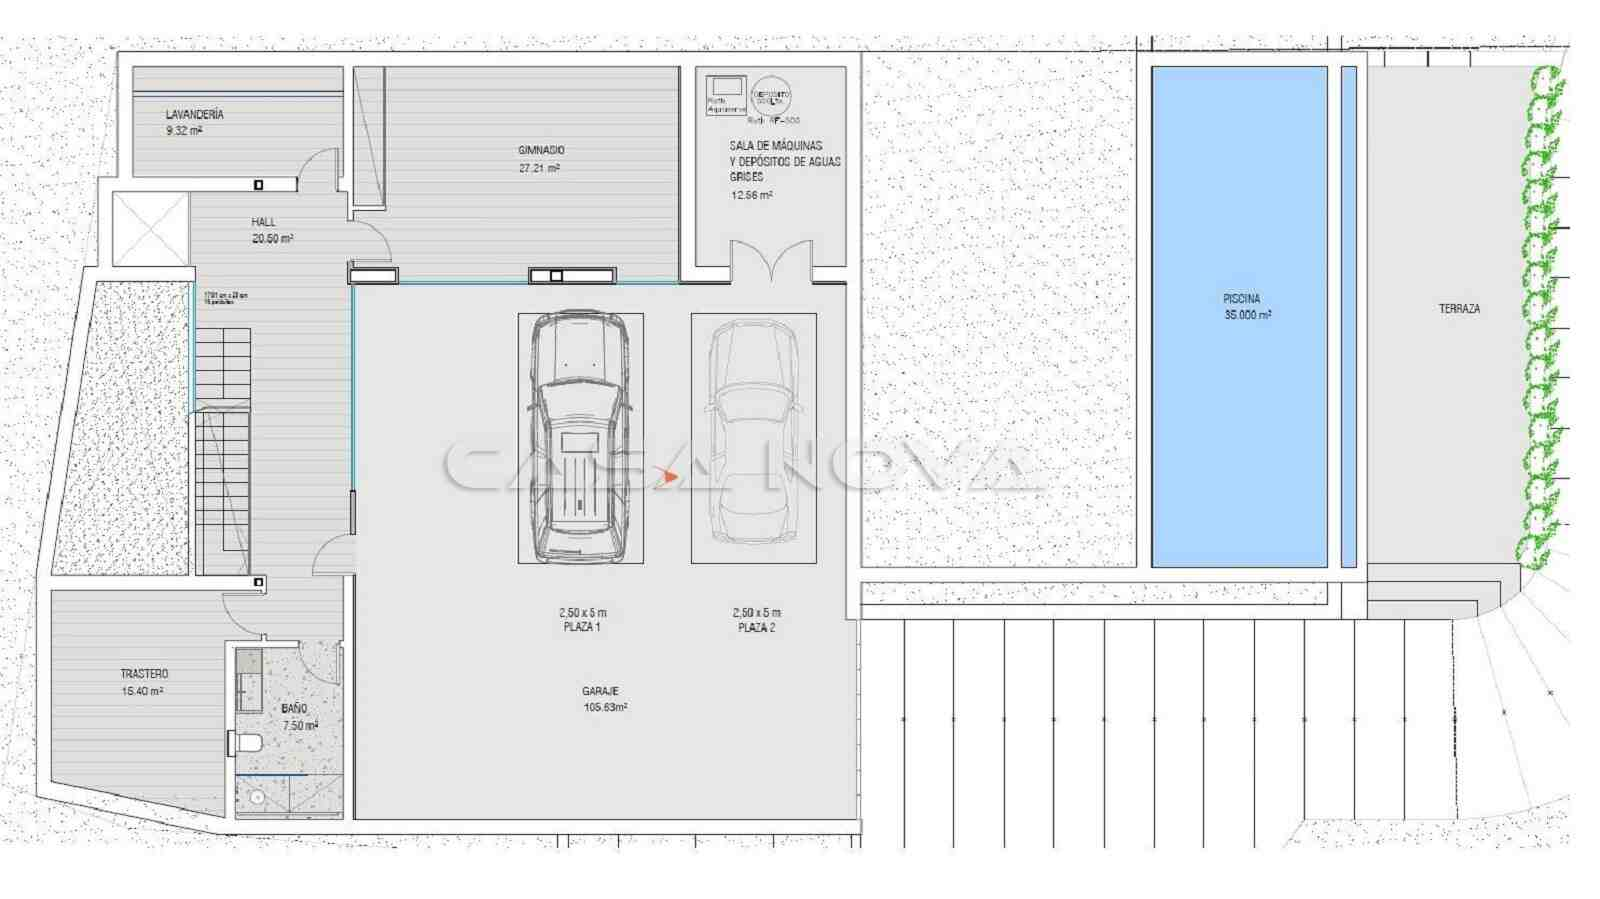 Plan vom Untergeschoss mit Garage und Fitnessraum